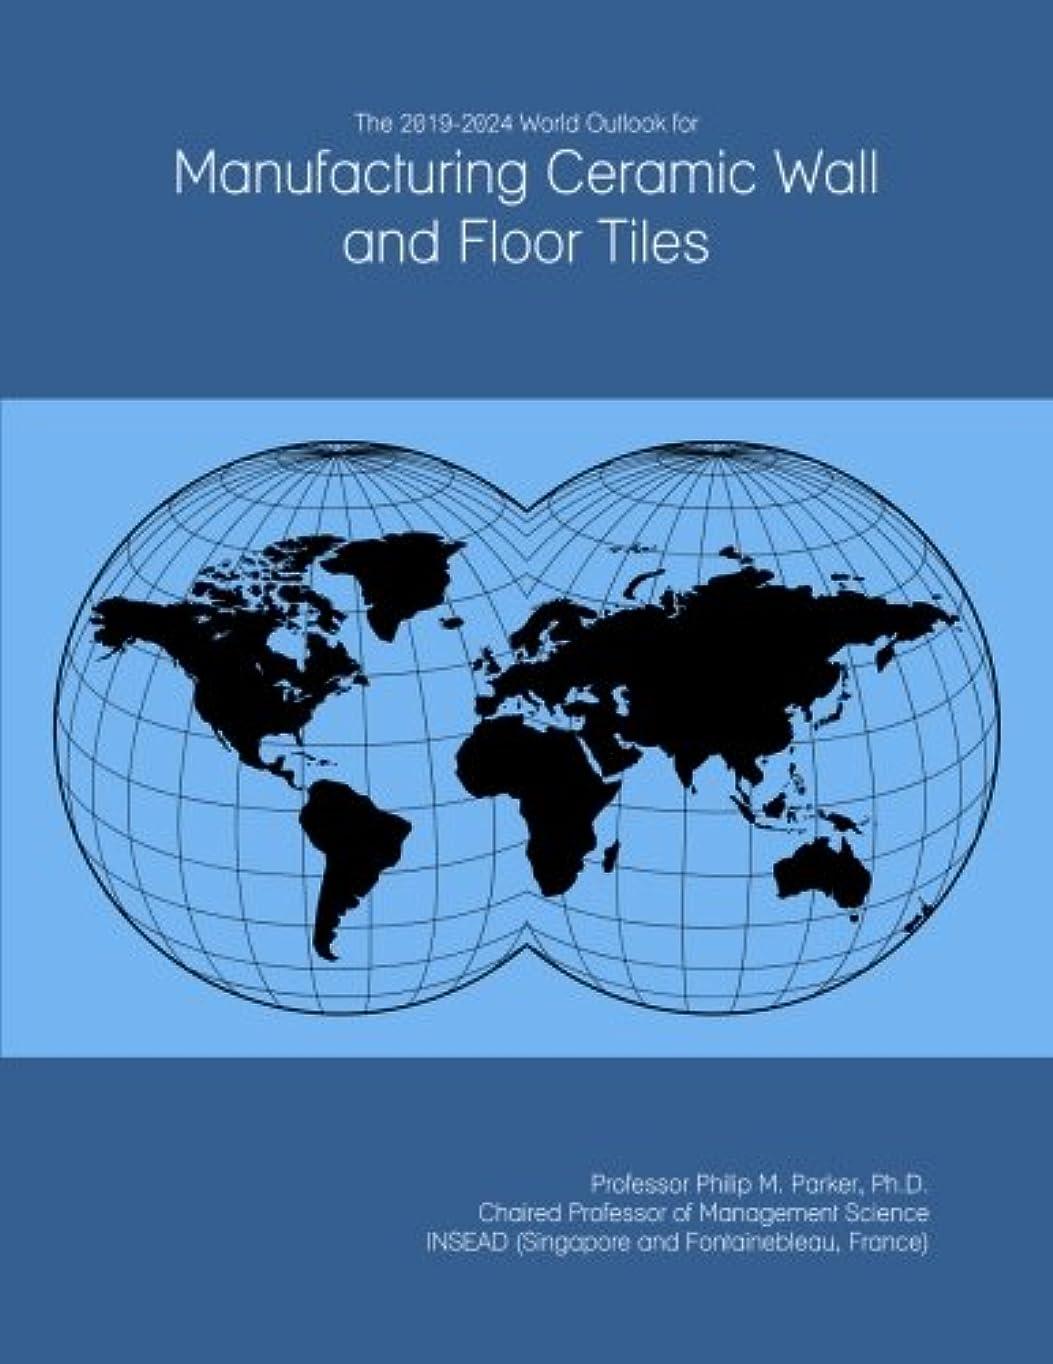 開梱病者ありそうThe 2019-2024 World Outlook for Manufacturing Ceramic Wall and Floor Tiles